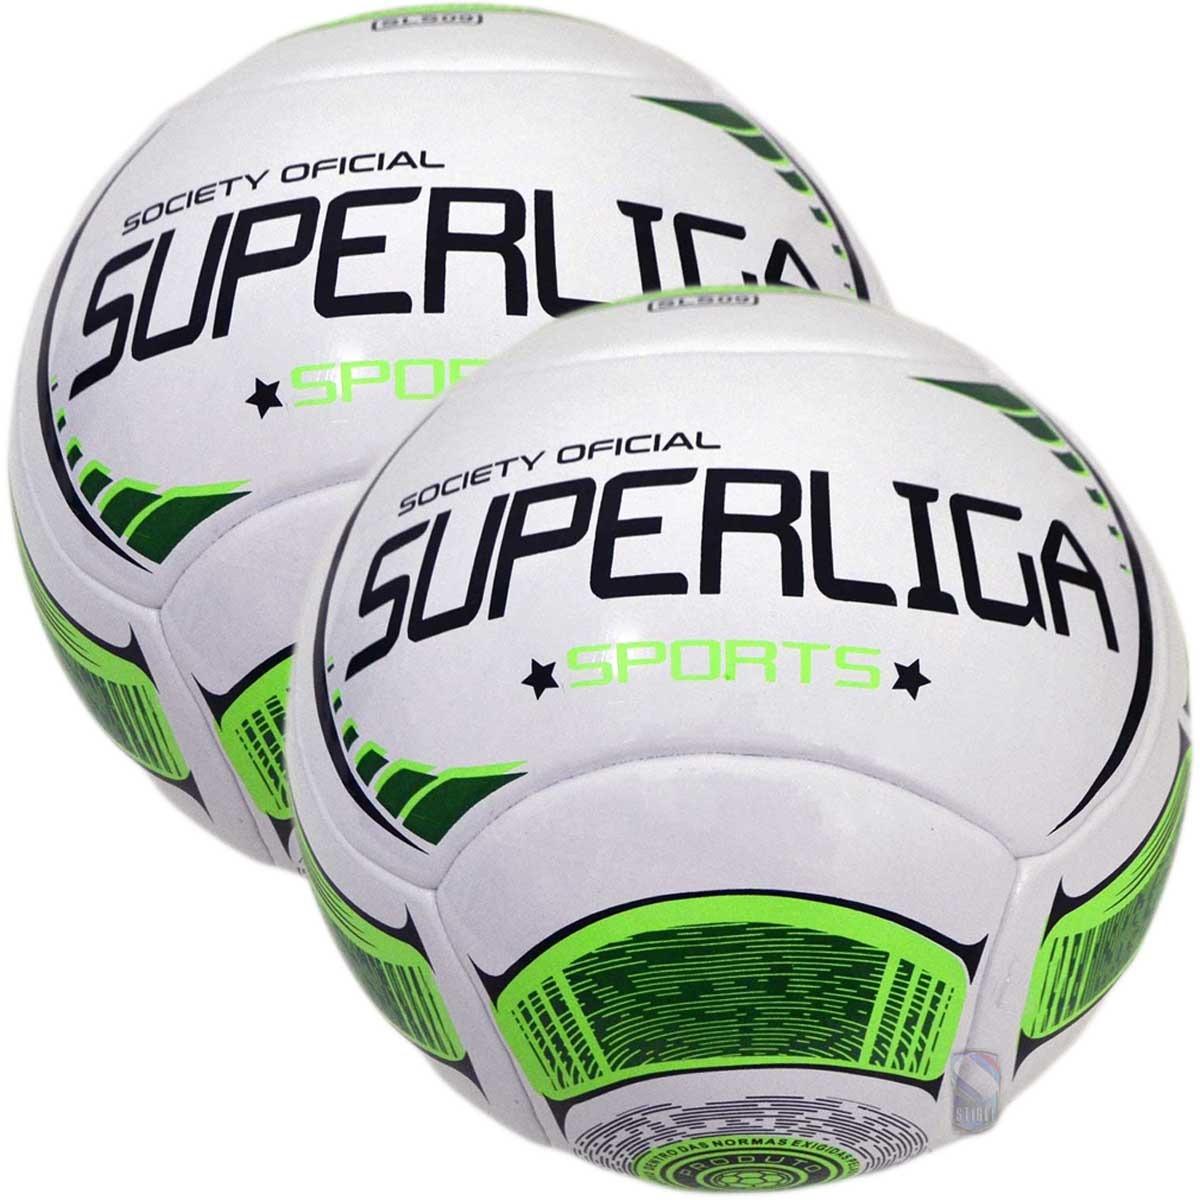 d6e0bd33c63a1 kit 2 bolas de futebol 7 society super liga oficial termotec. Carregando  zoom.